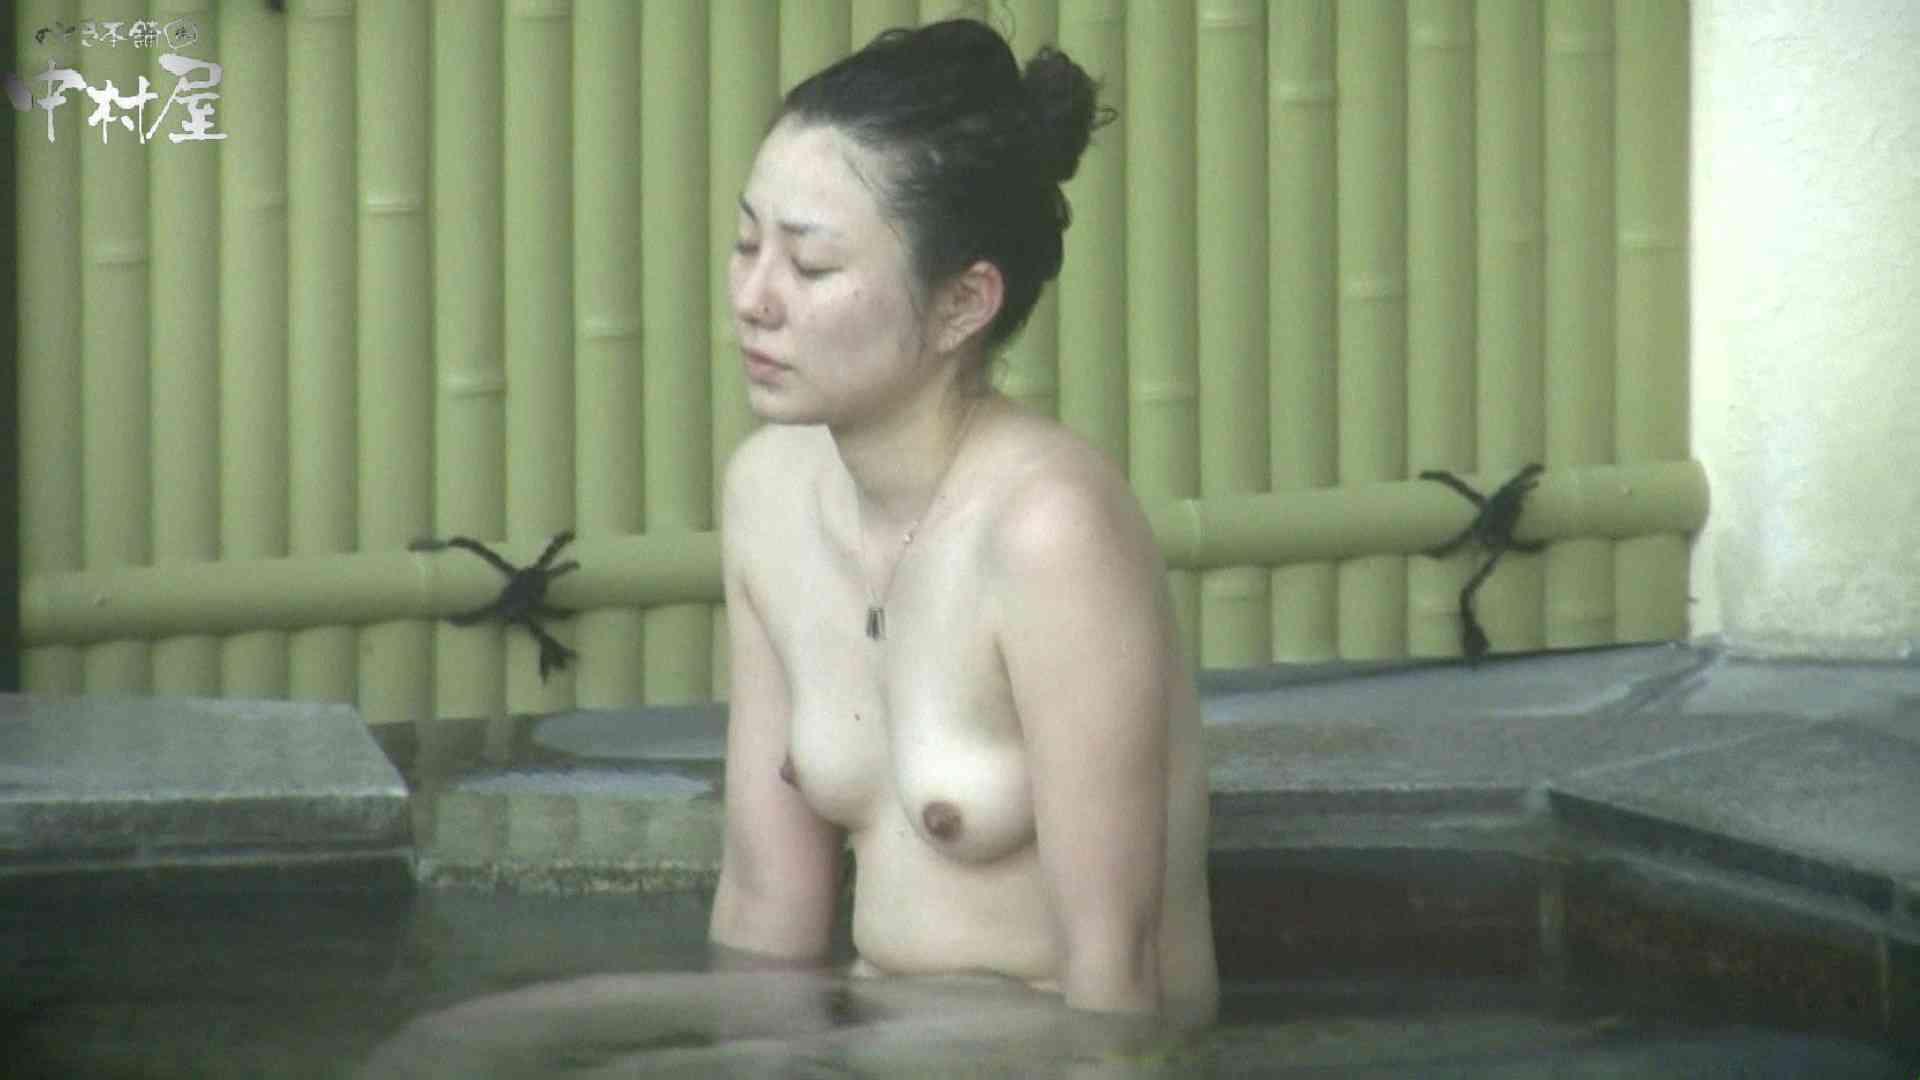 Aquaな露天風呂Vol.969 盗撮  52画像 45